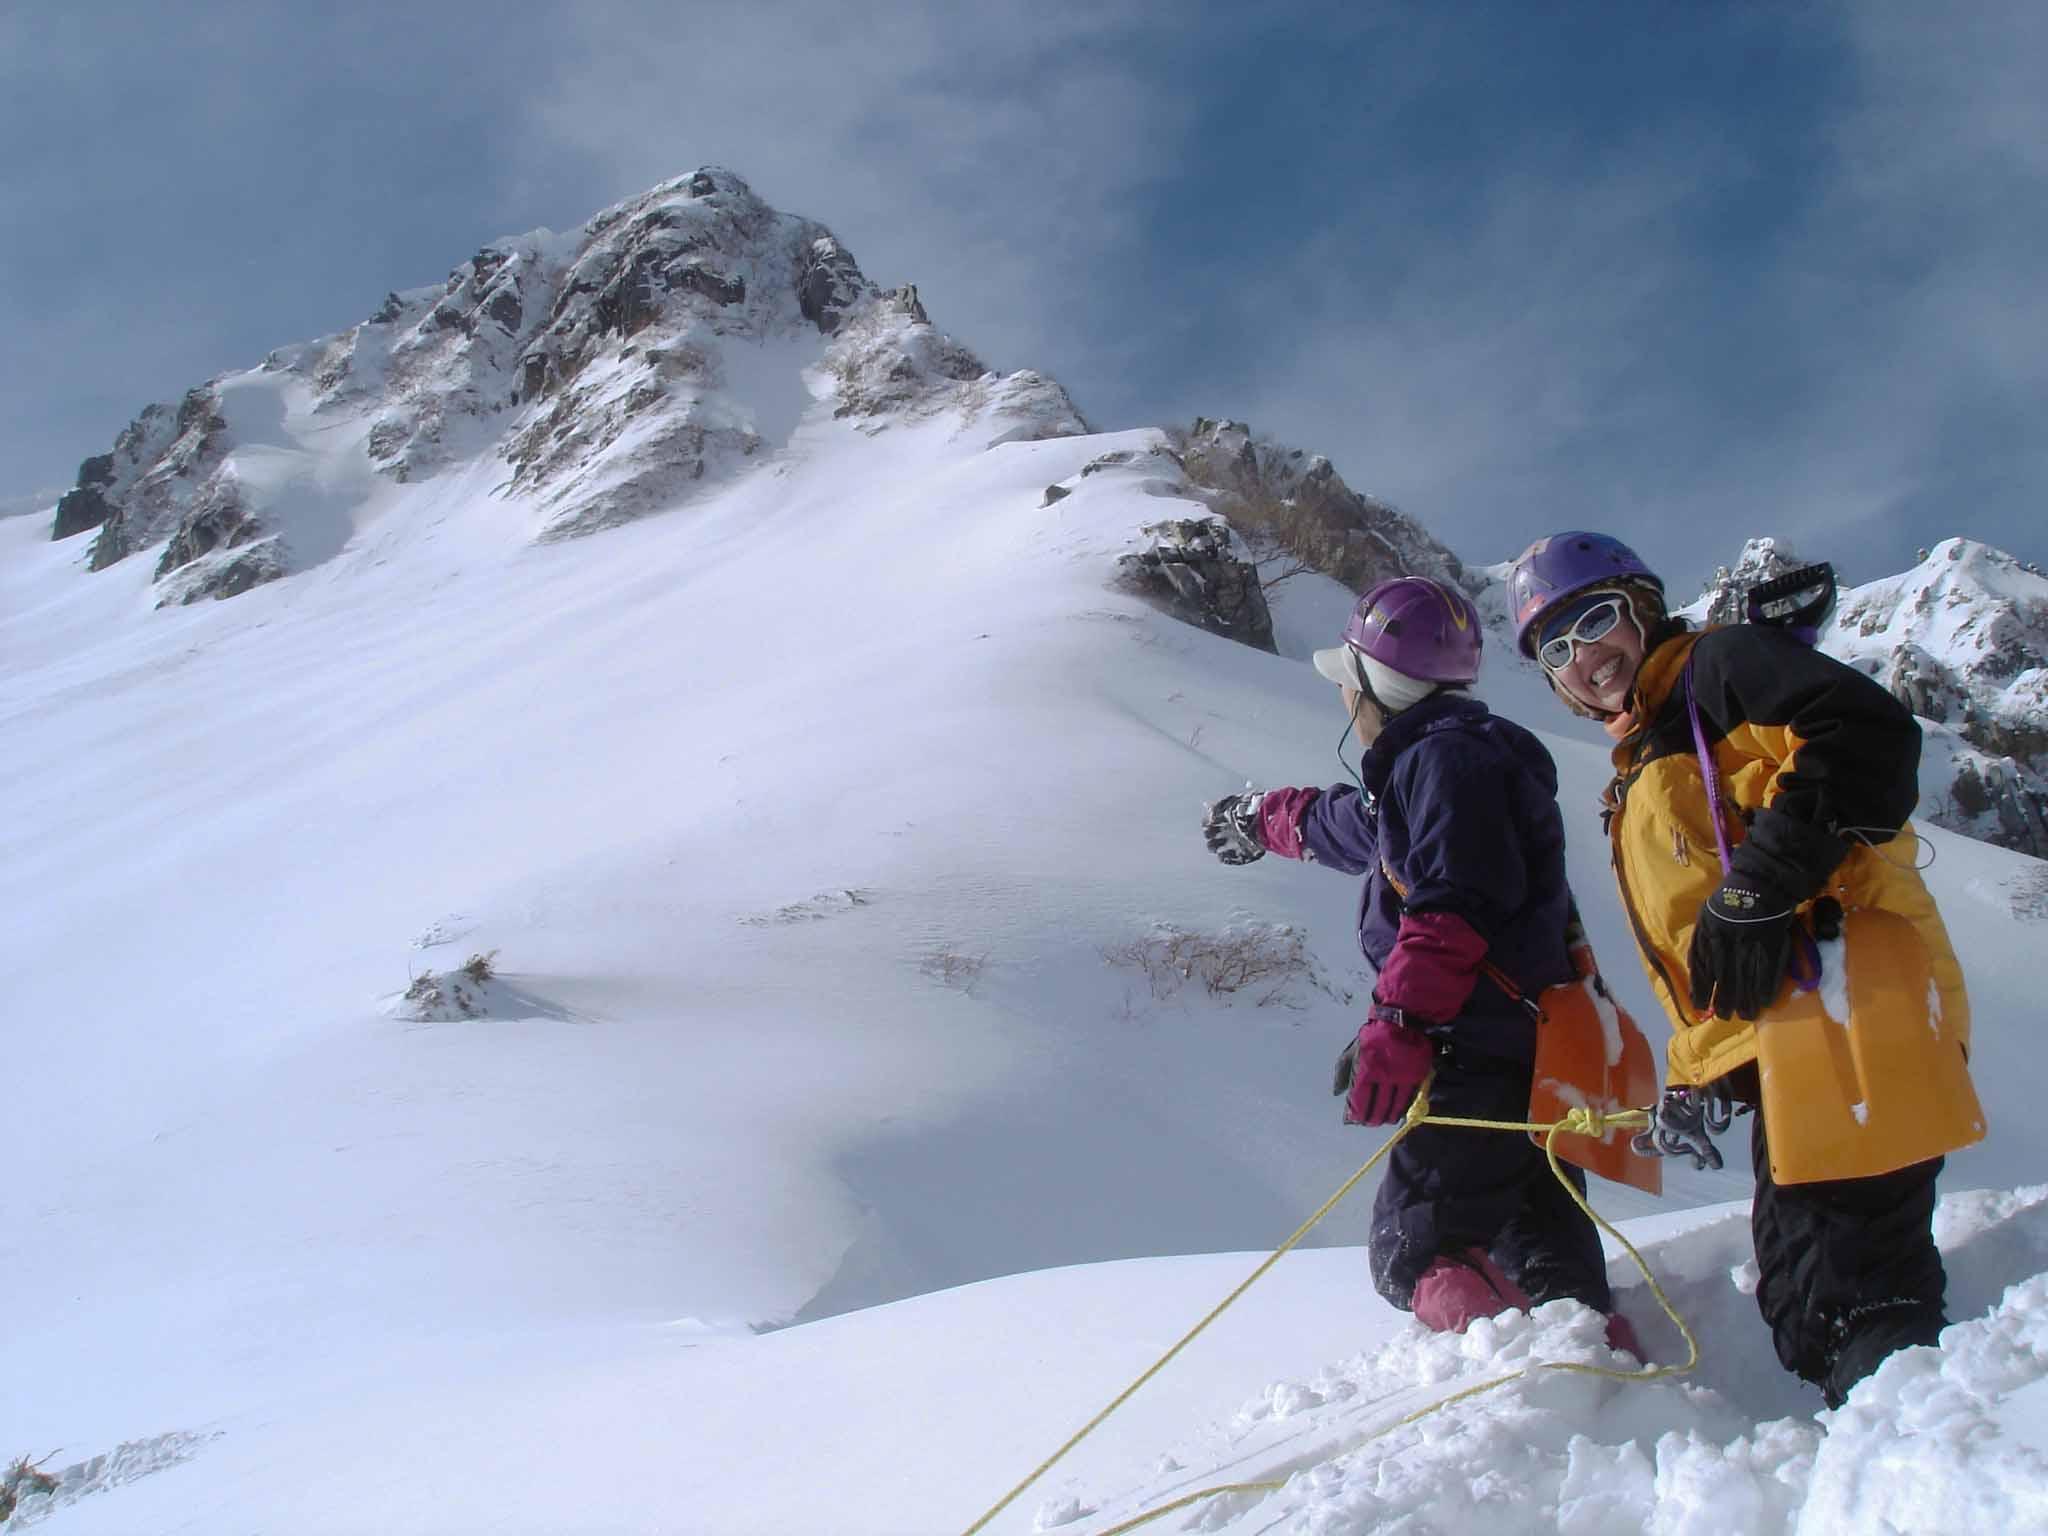 ビレイをとって雪庇を掘り出す DSC05517